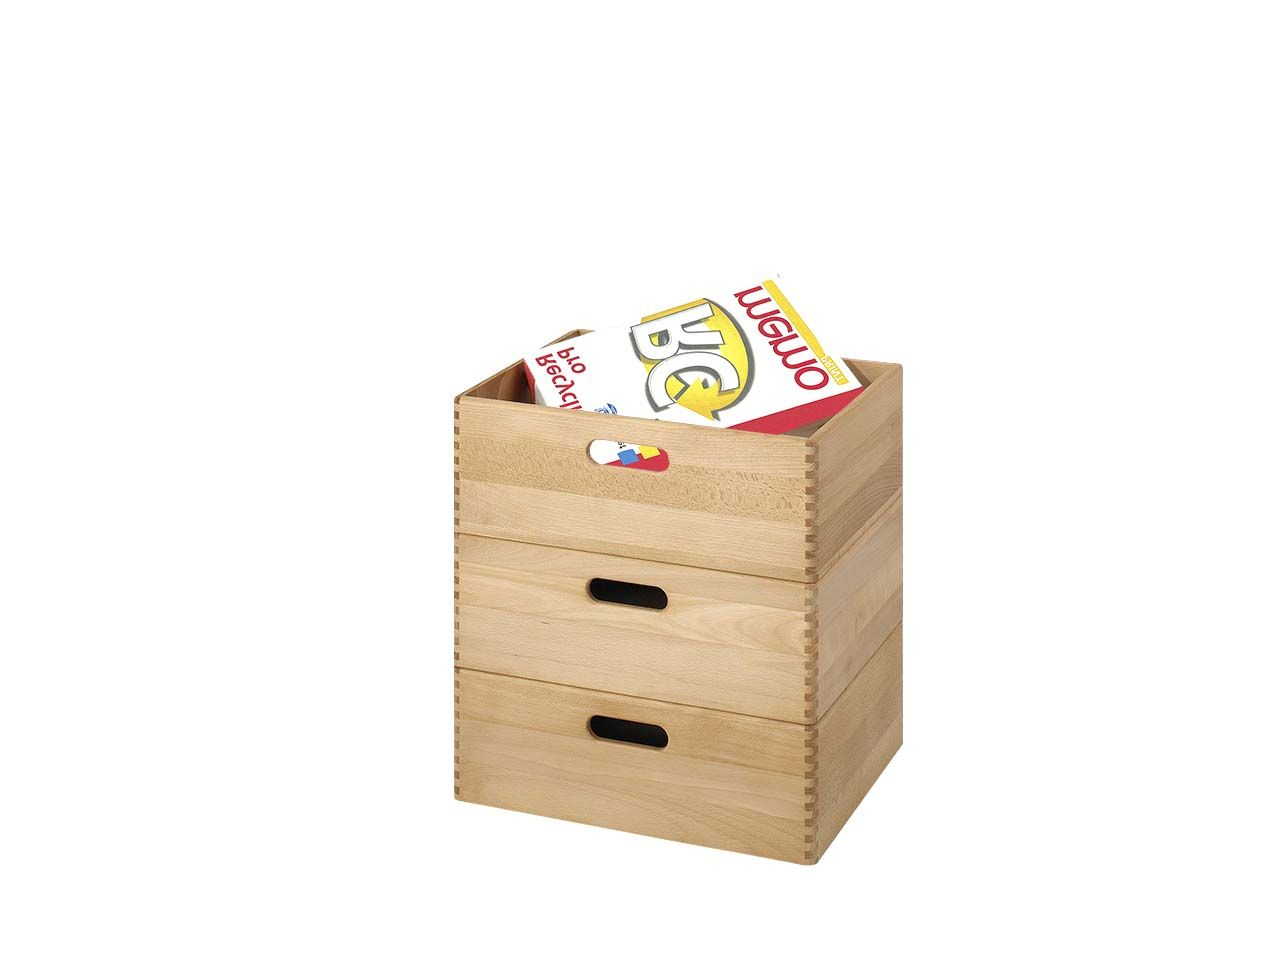 3er StapelBoxen-Set groß, massive Buche 3er StapelBoxen-Set 40x30x14